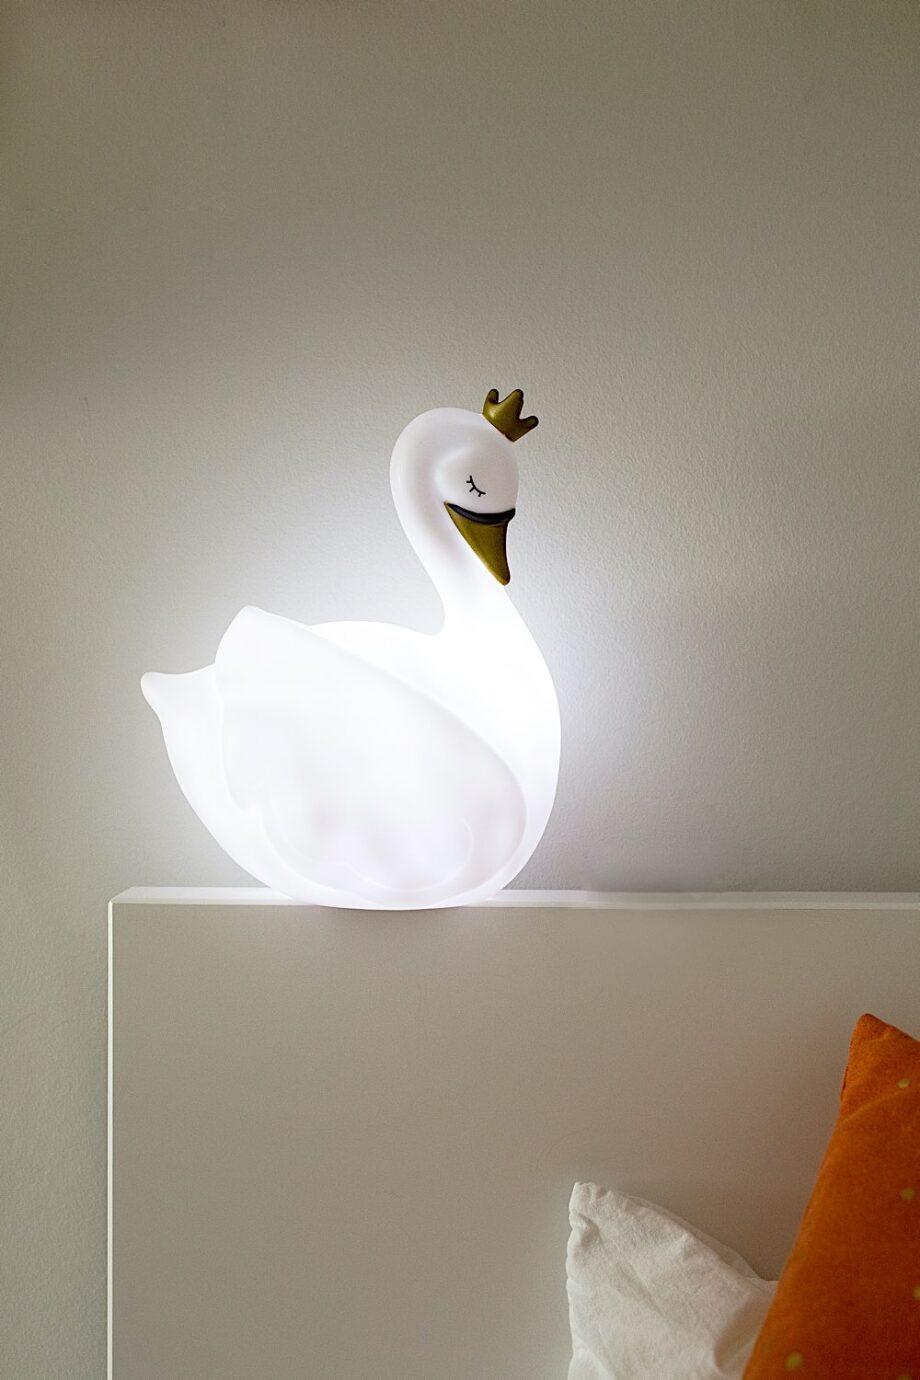 Veilleuse - Dame Blanche - Atelier Pierre junior - La Dame Blanche illumine la chambre d'enfant avec élégance.